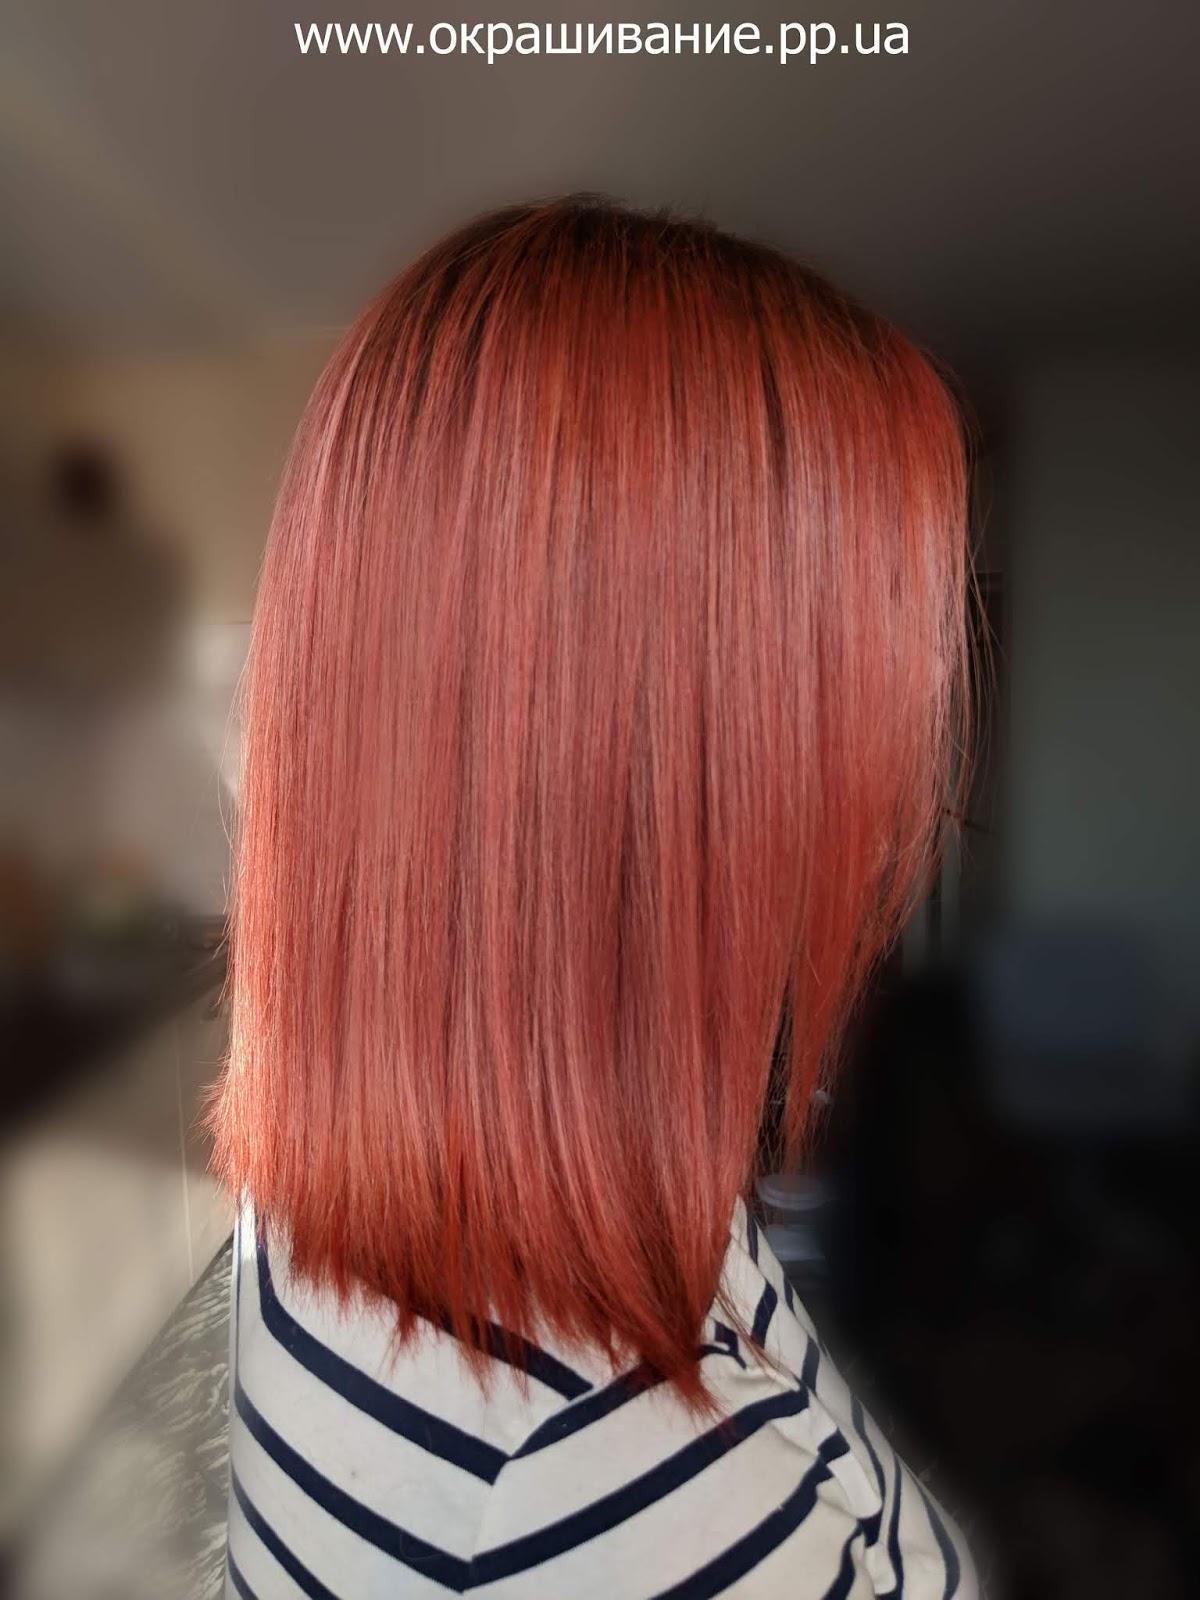 Цветное окрашивание волос - Харьков